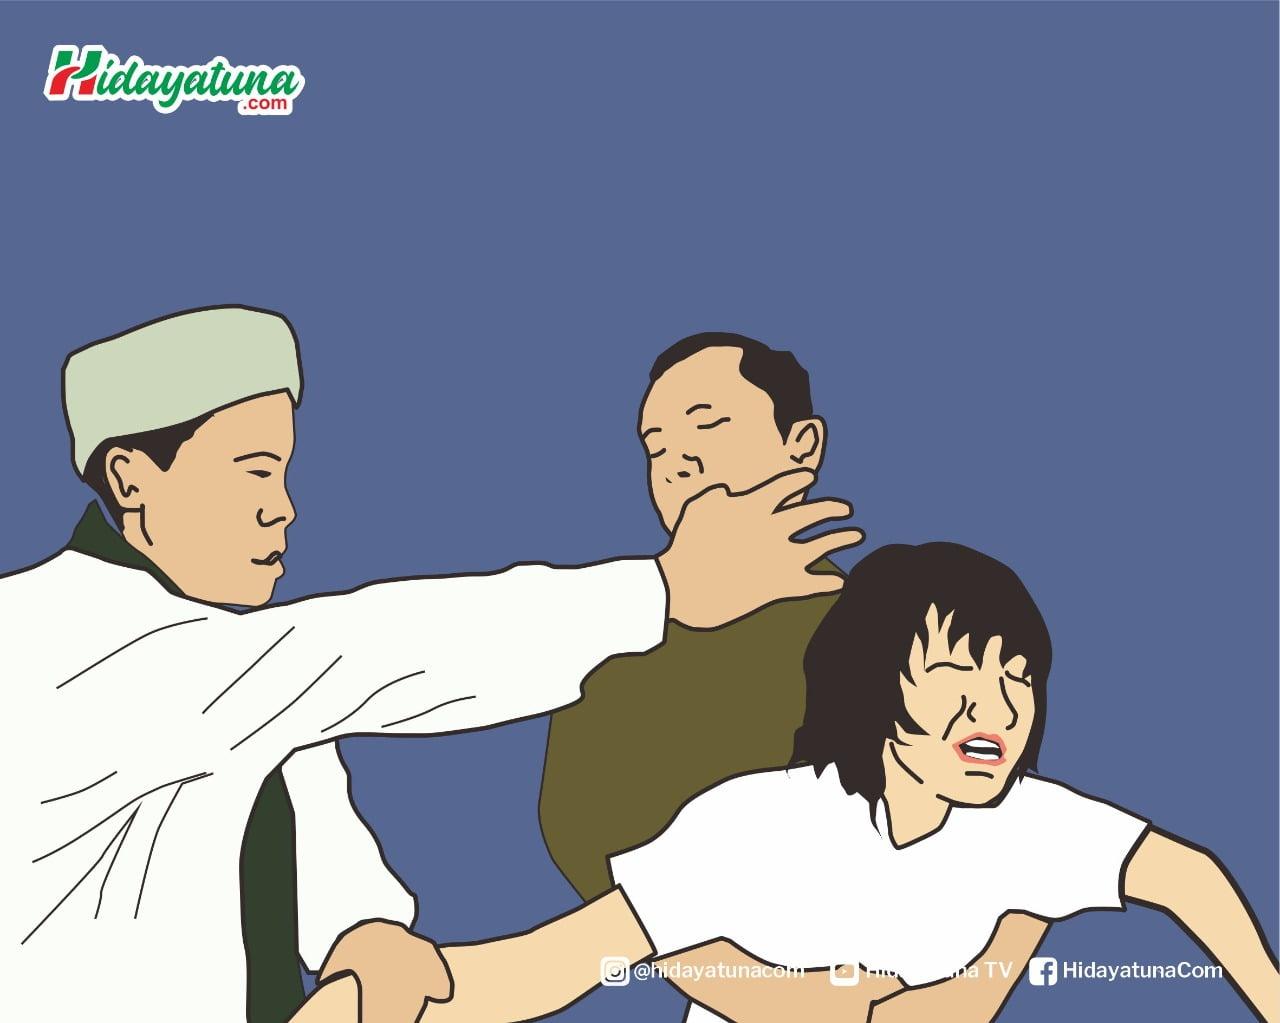 Doa dan amalan Sulaiman untuk orang kesurupan (Ilustrasi/Hidayatuna)